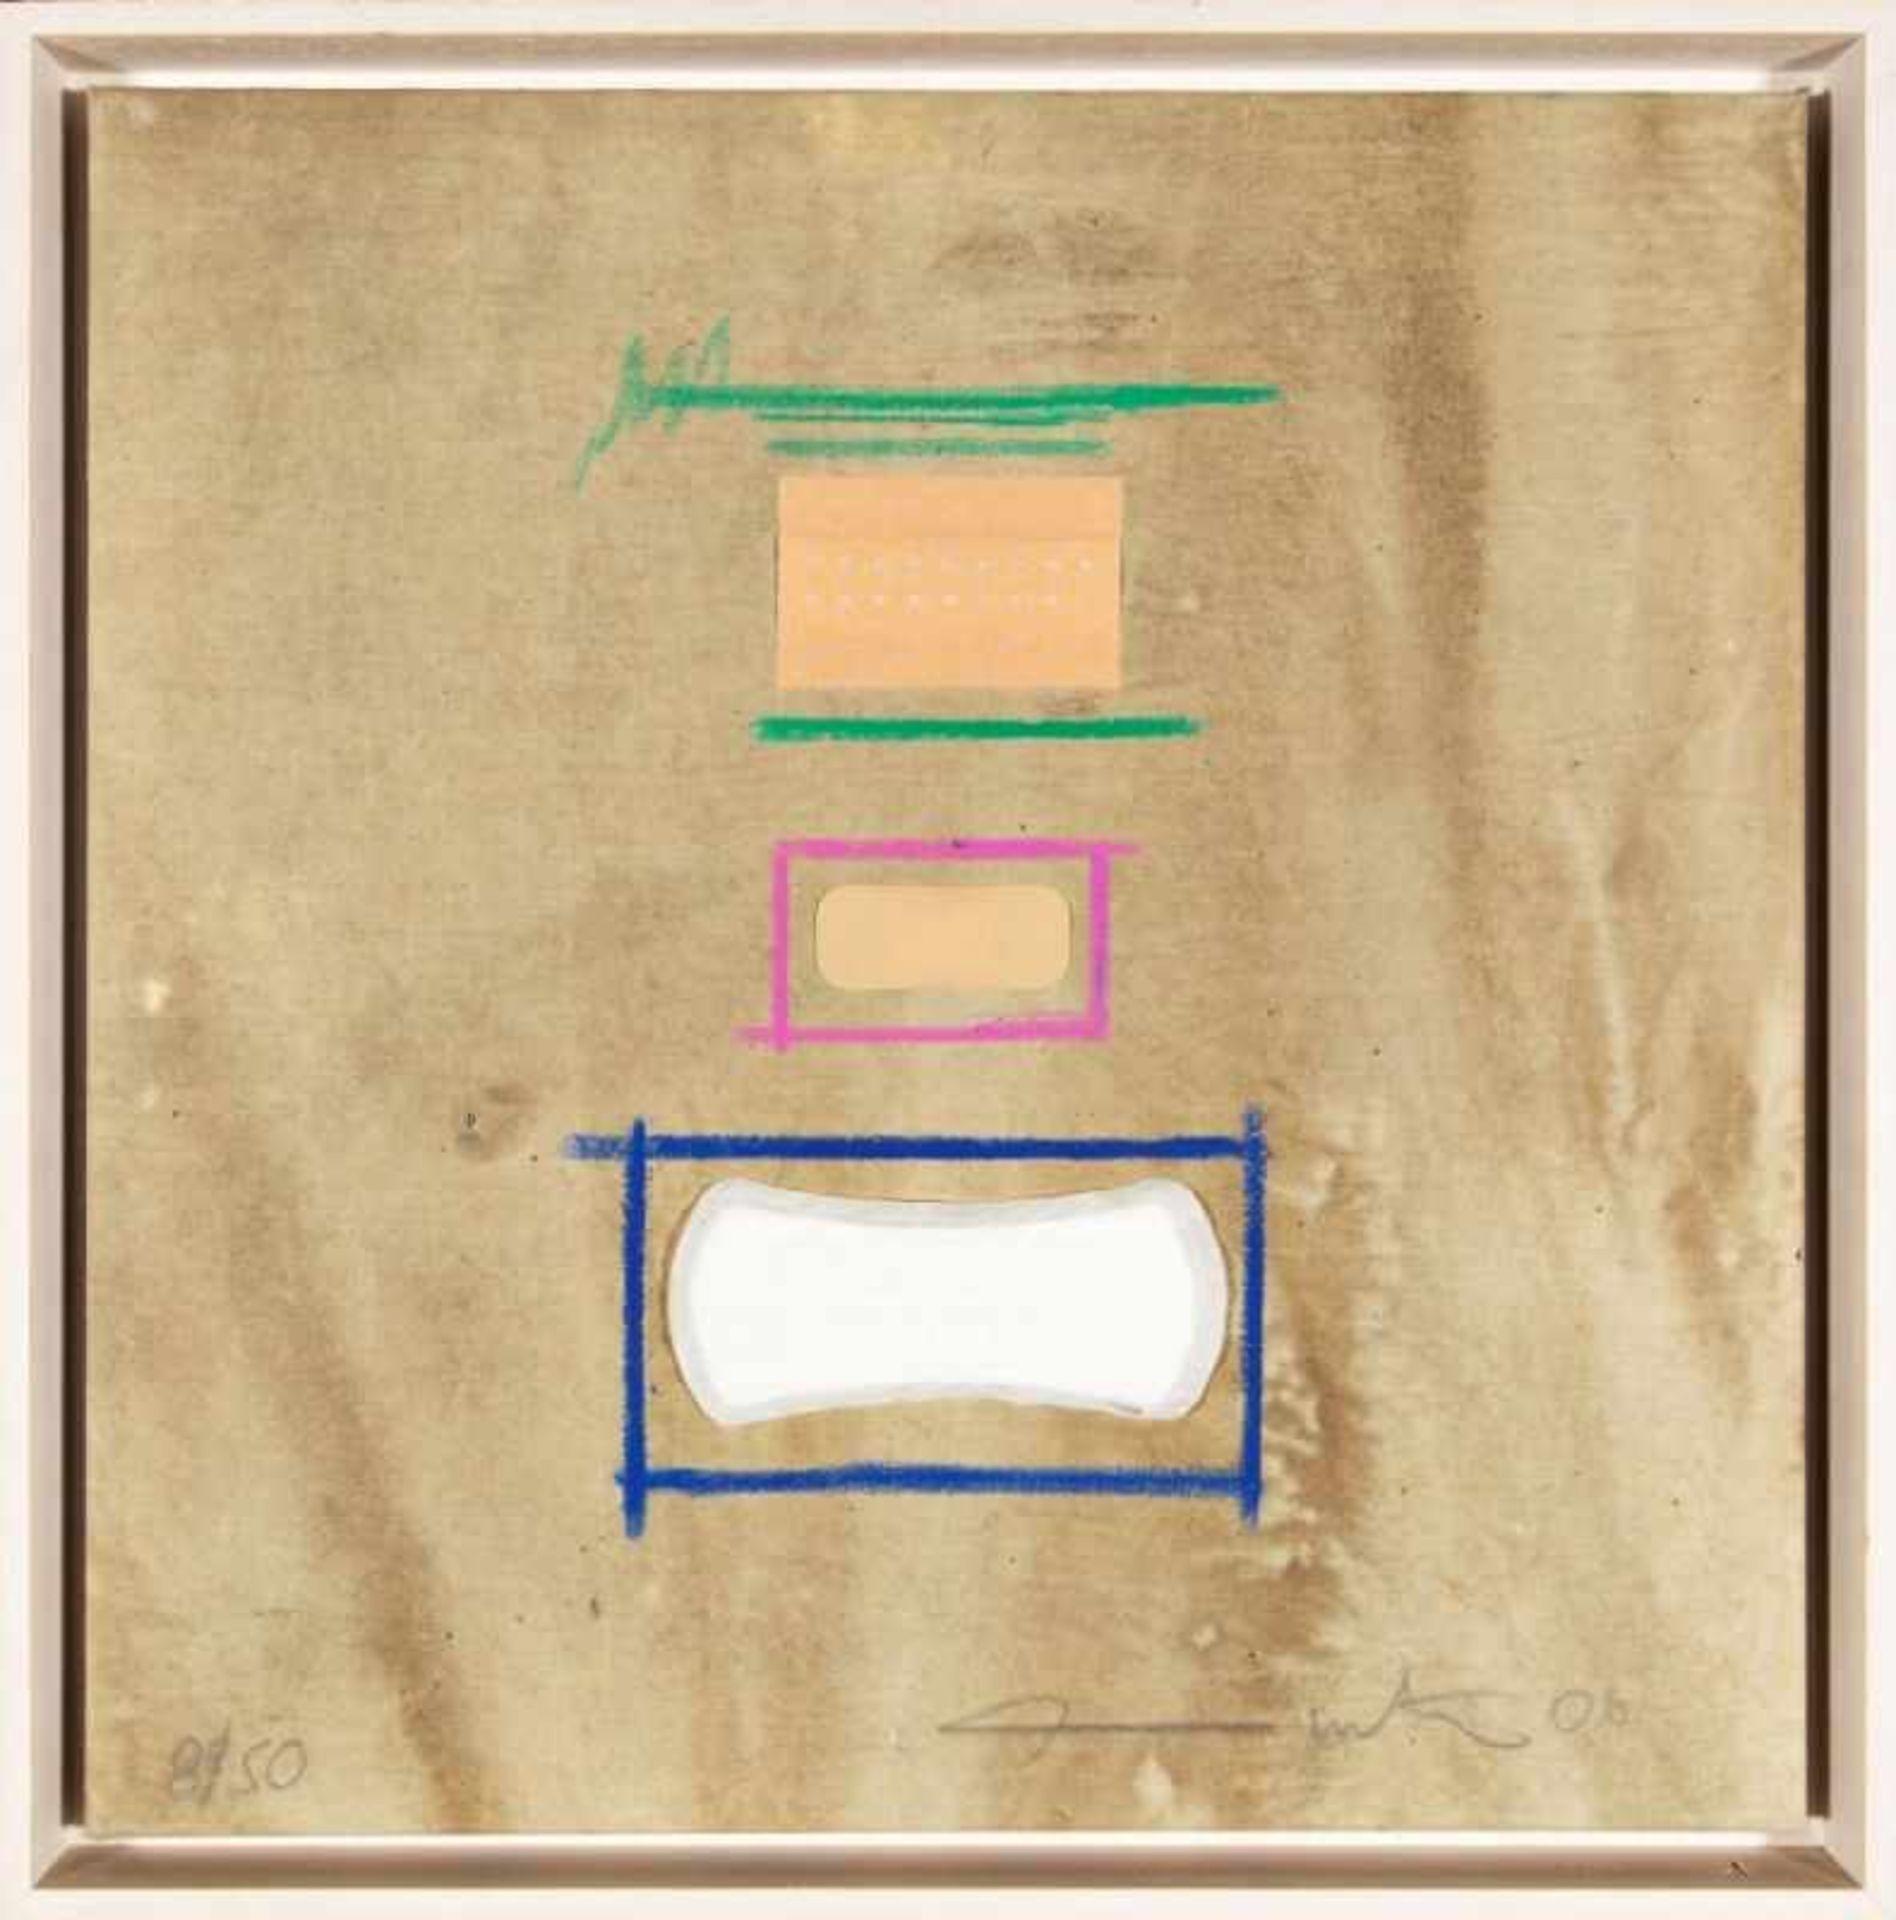 Los 34 - HERMANN NITSCH(1938 WIEN)o. T., 2006Collage, Mischtechnik auf Leinwand, 50 x 50 cmgerahmt, Maß mit